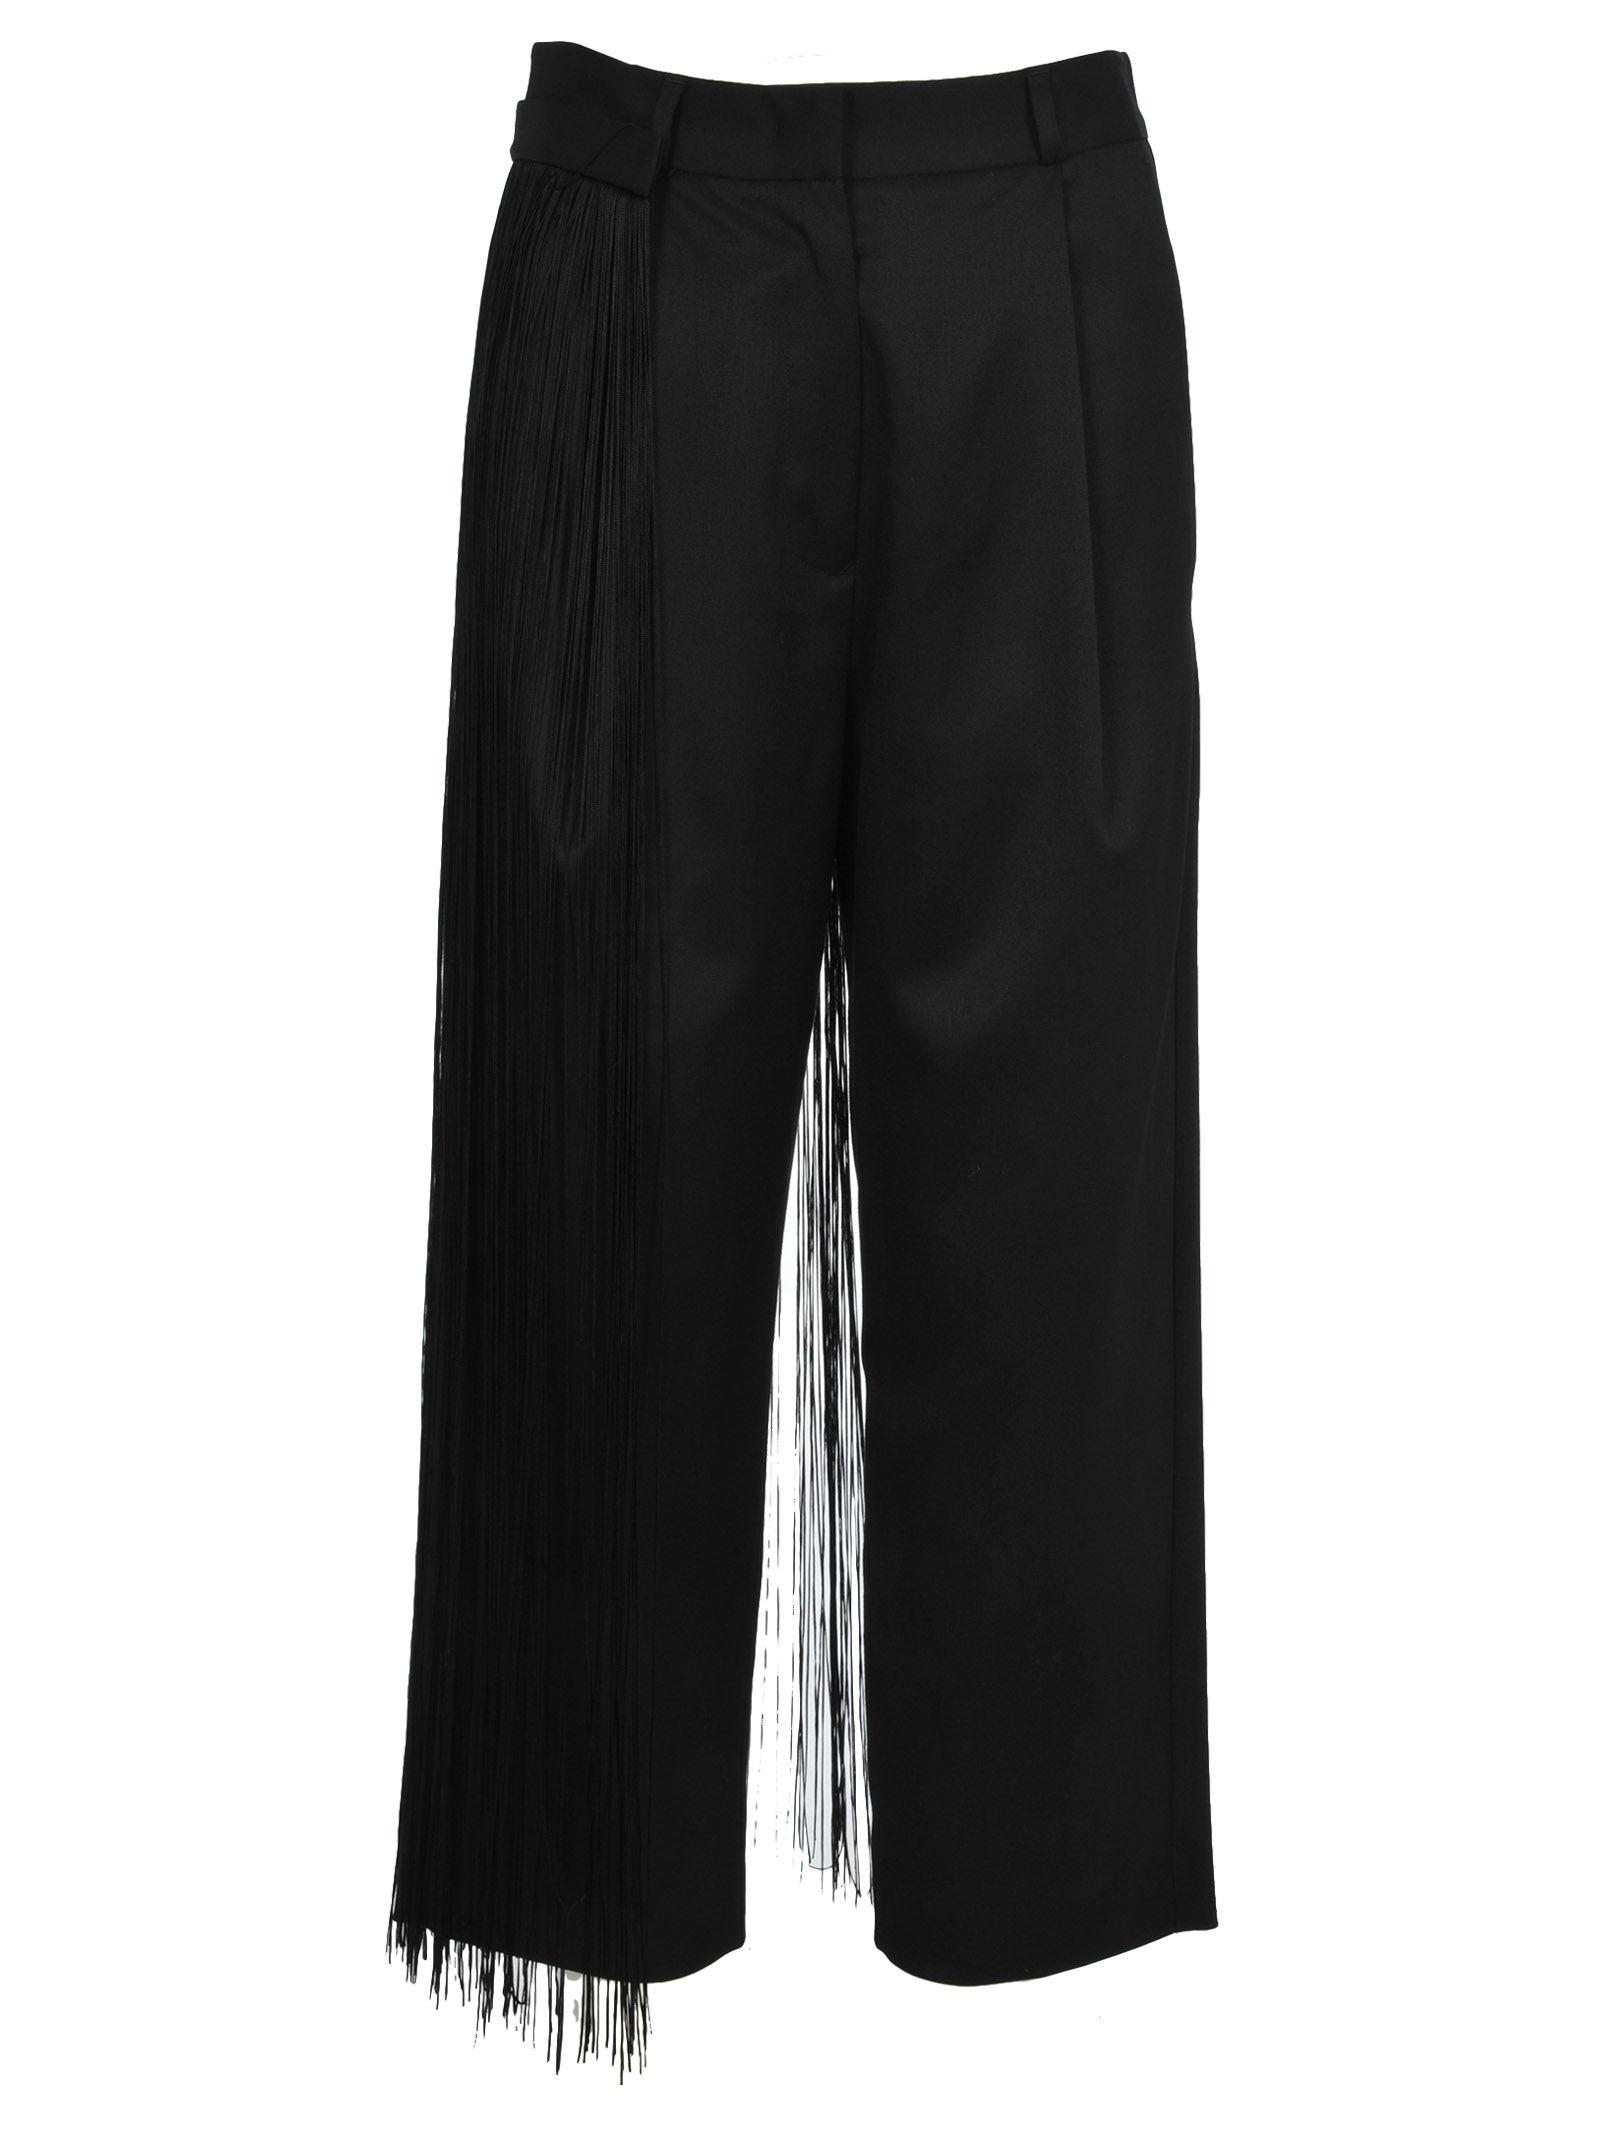 Mm6 Pants Fringe, Black